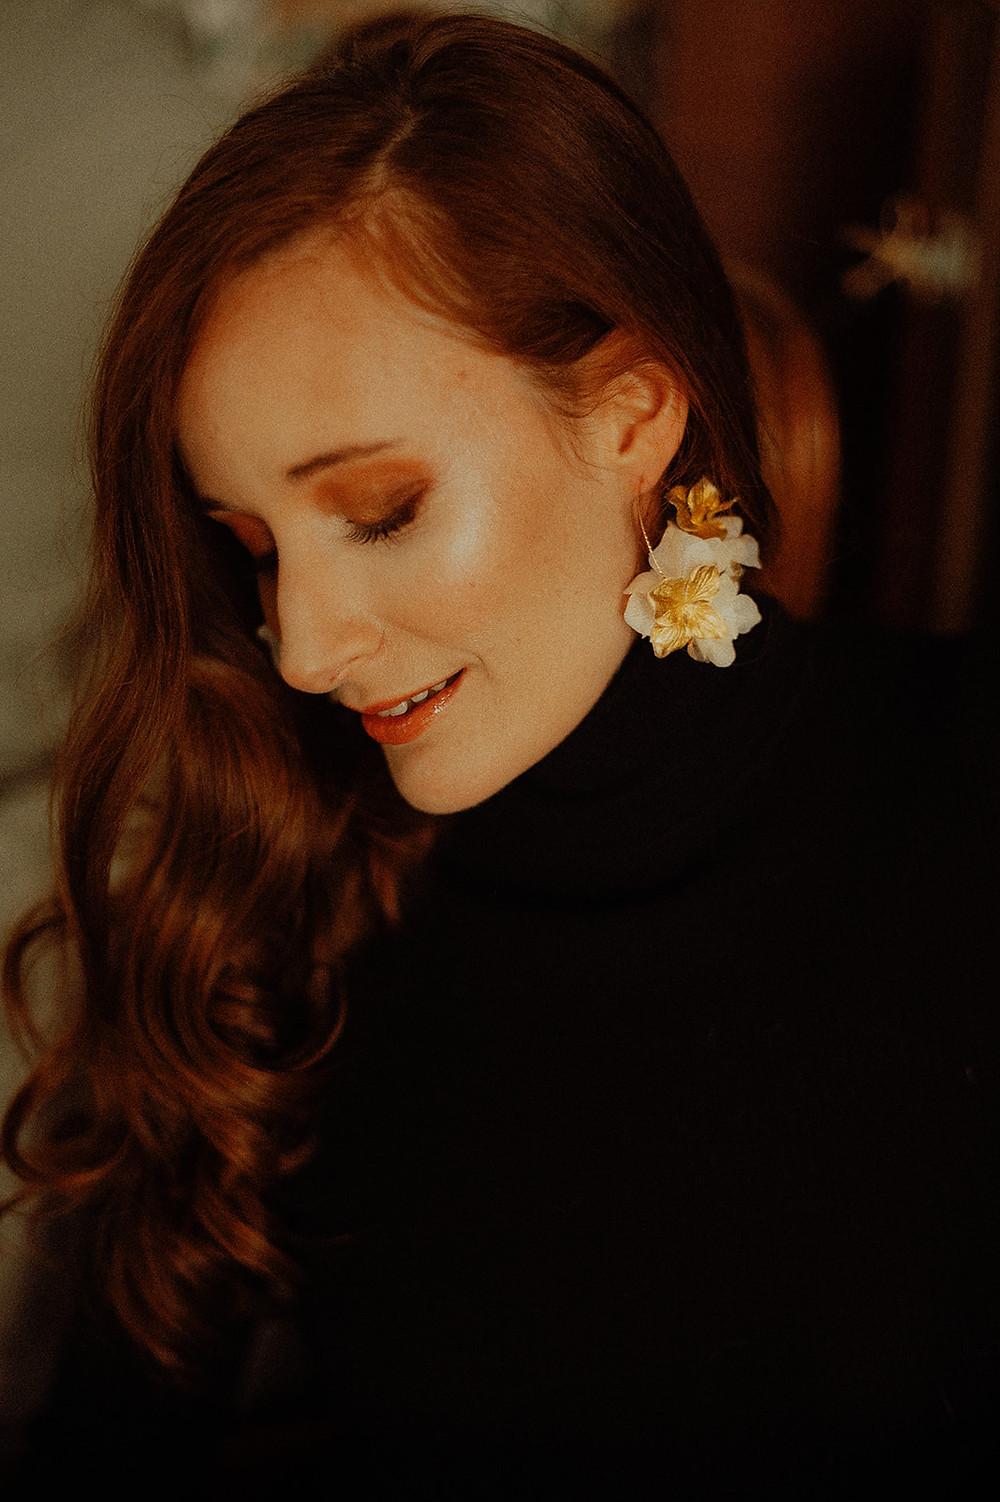 Boucles d'oreilles Colette portées par Adeline de Atelier Hosta créatrice d'objets et d'accessoires et fleurs séchées et stabilisées